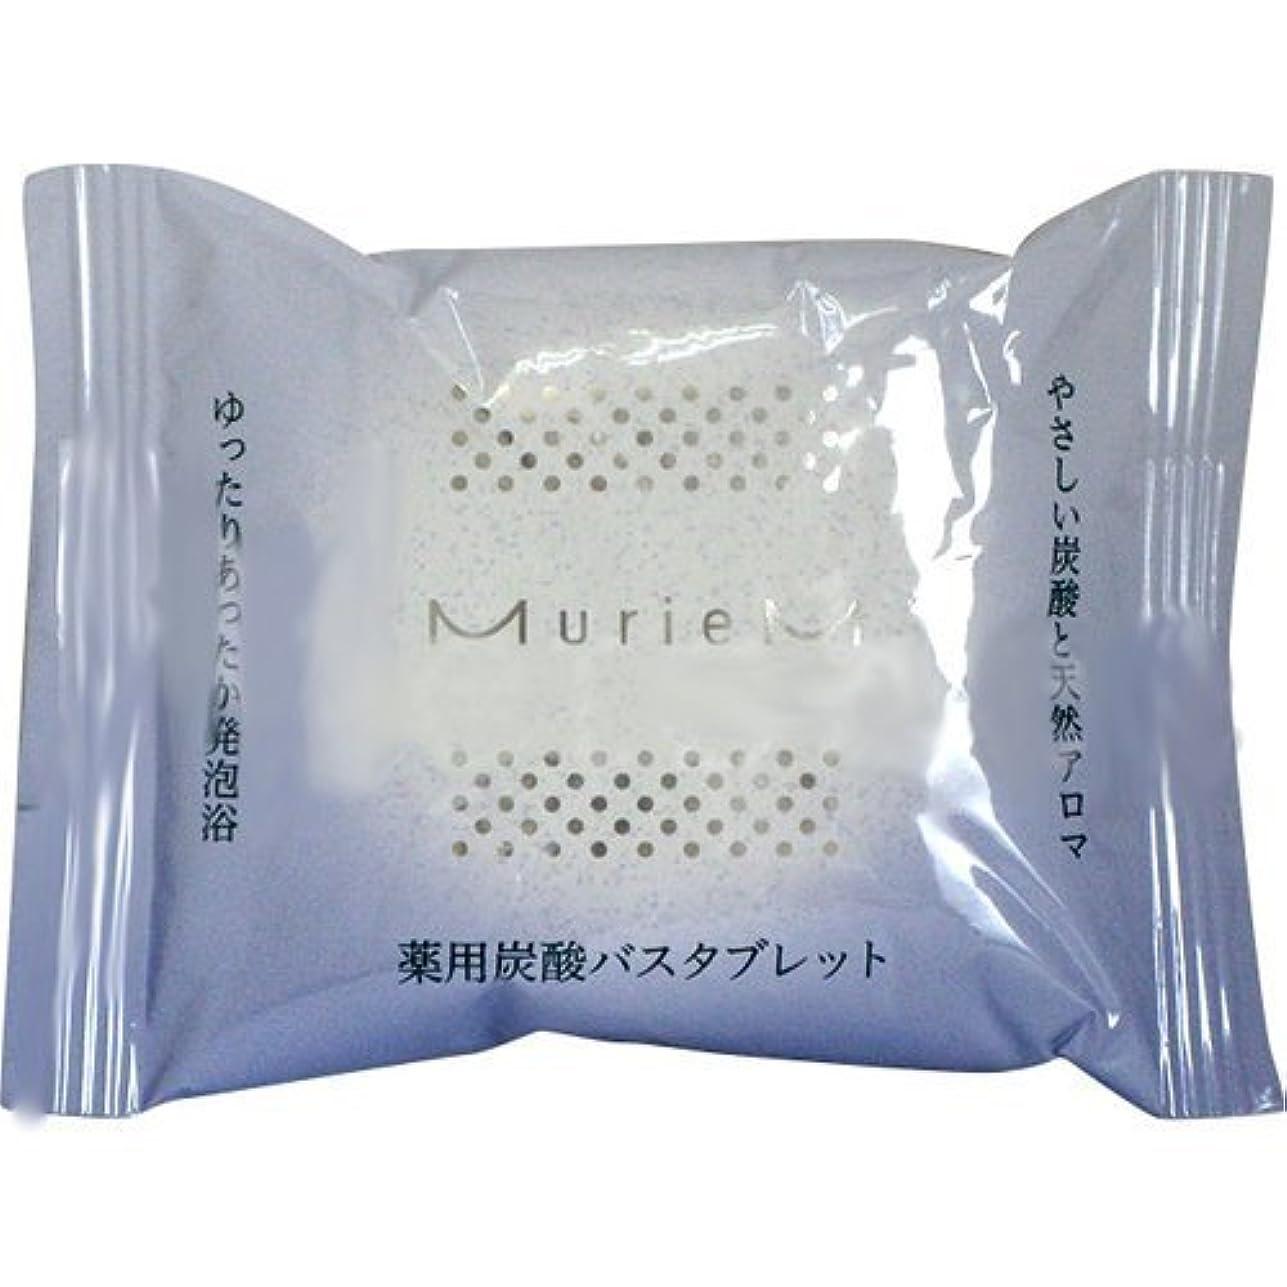 有利多用途エキゾチックナンバースリー ミュリアム クリスタル 薬用炭酸バスタブレット 10包入 医薬部外品